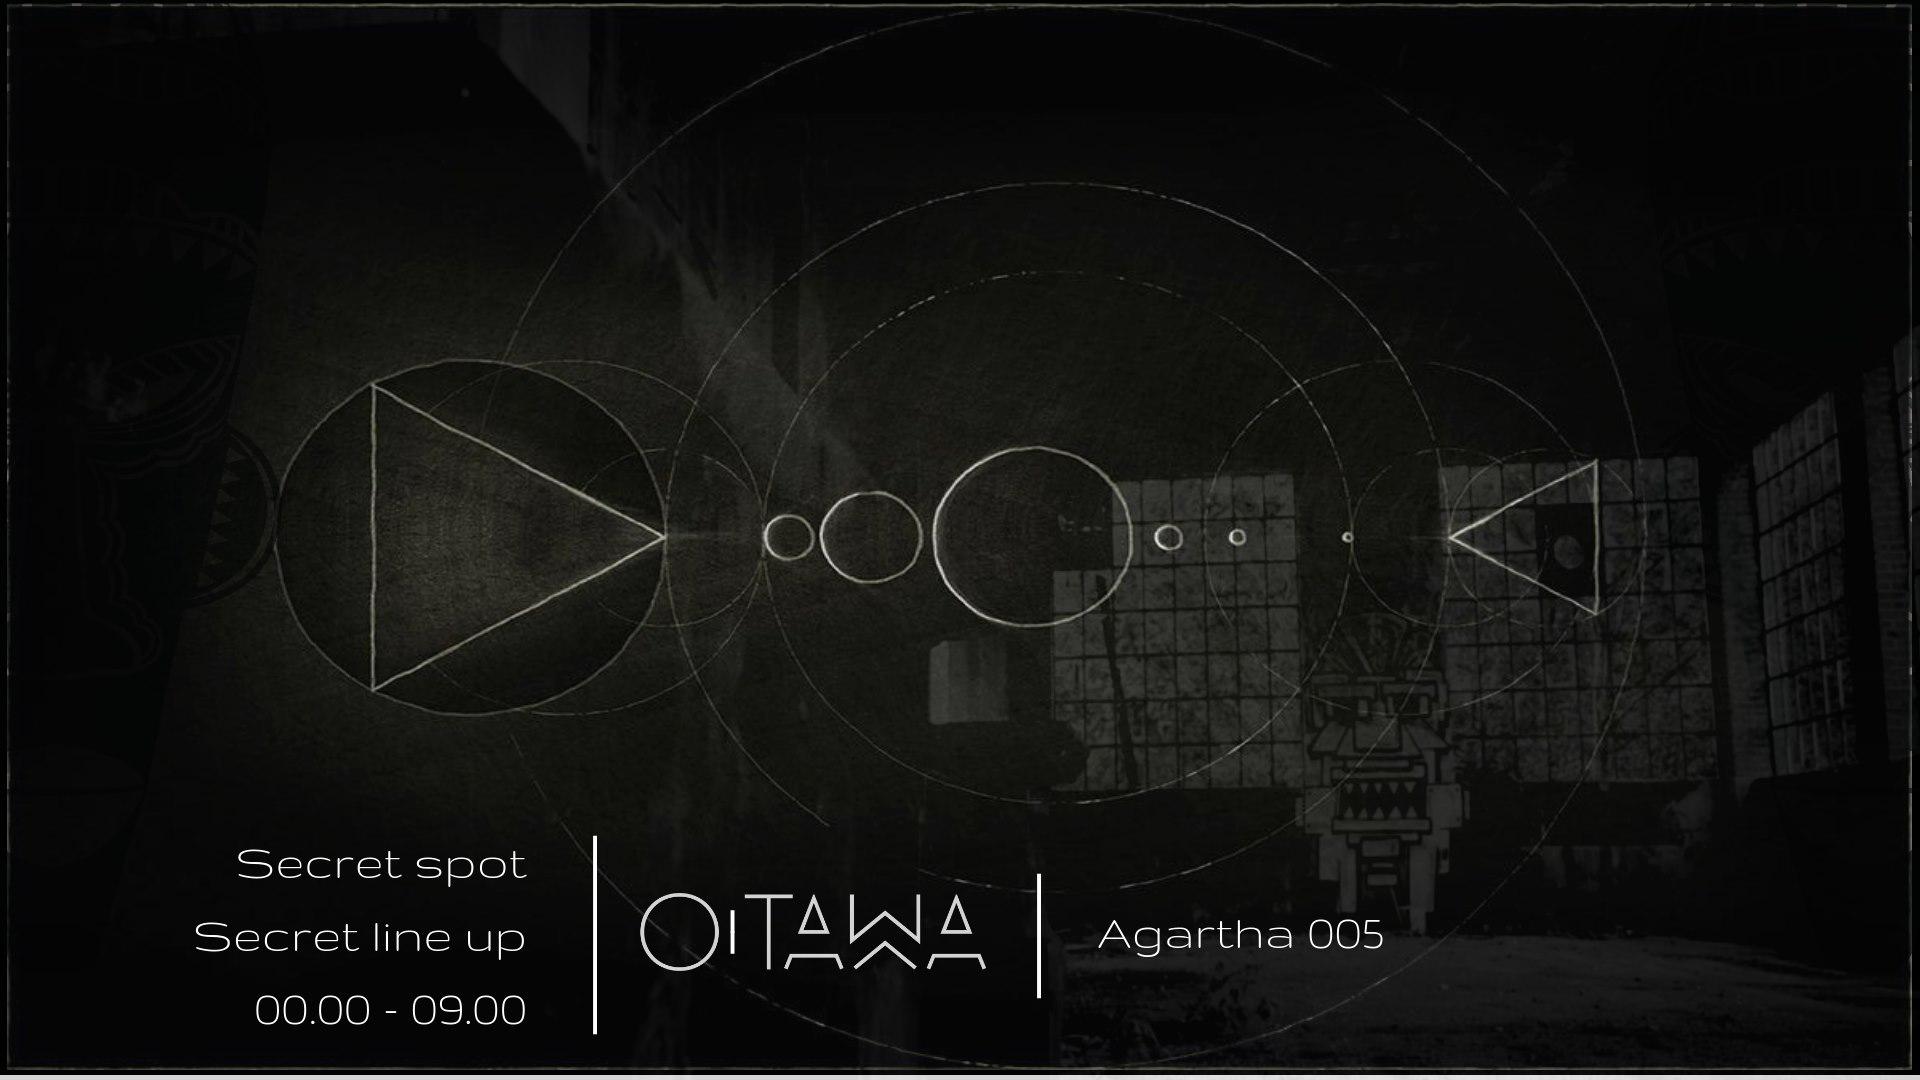 Agartha 005